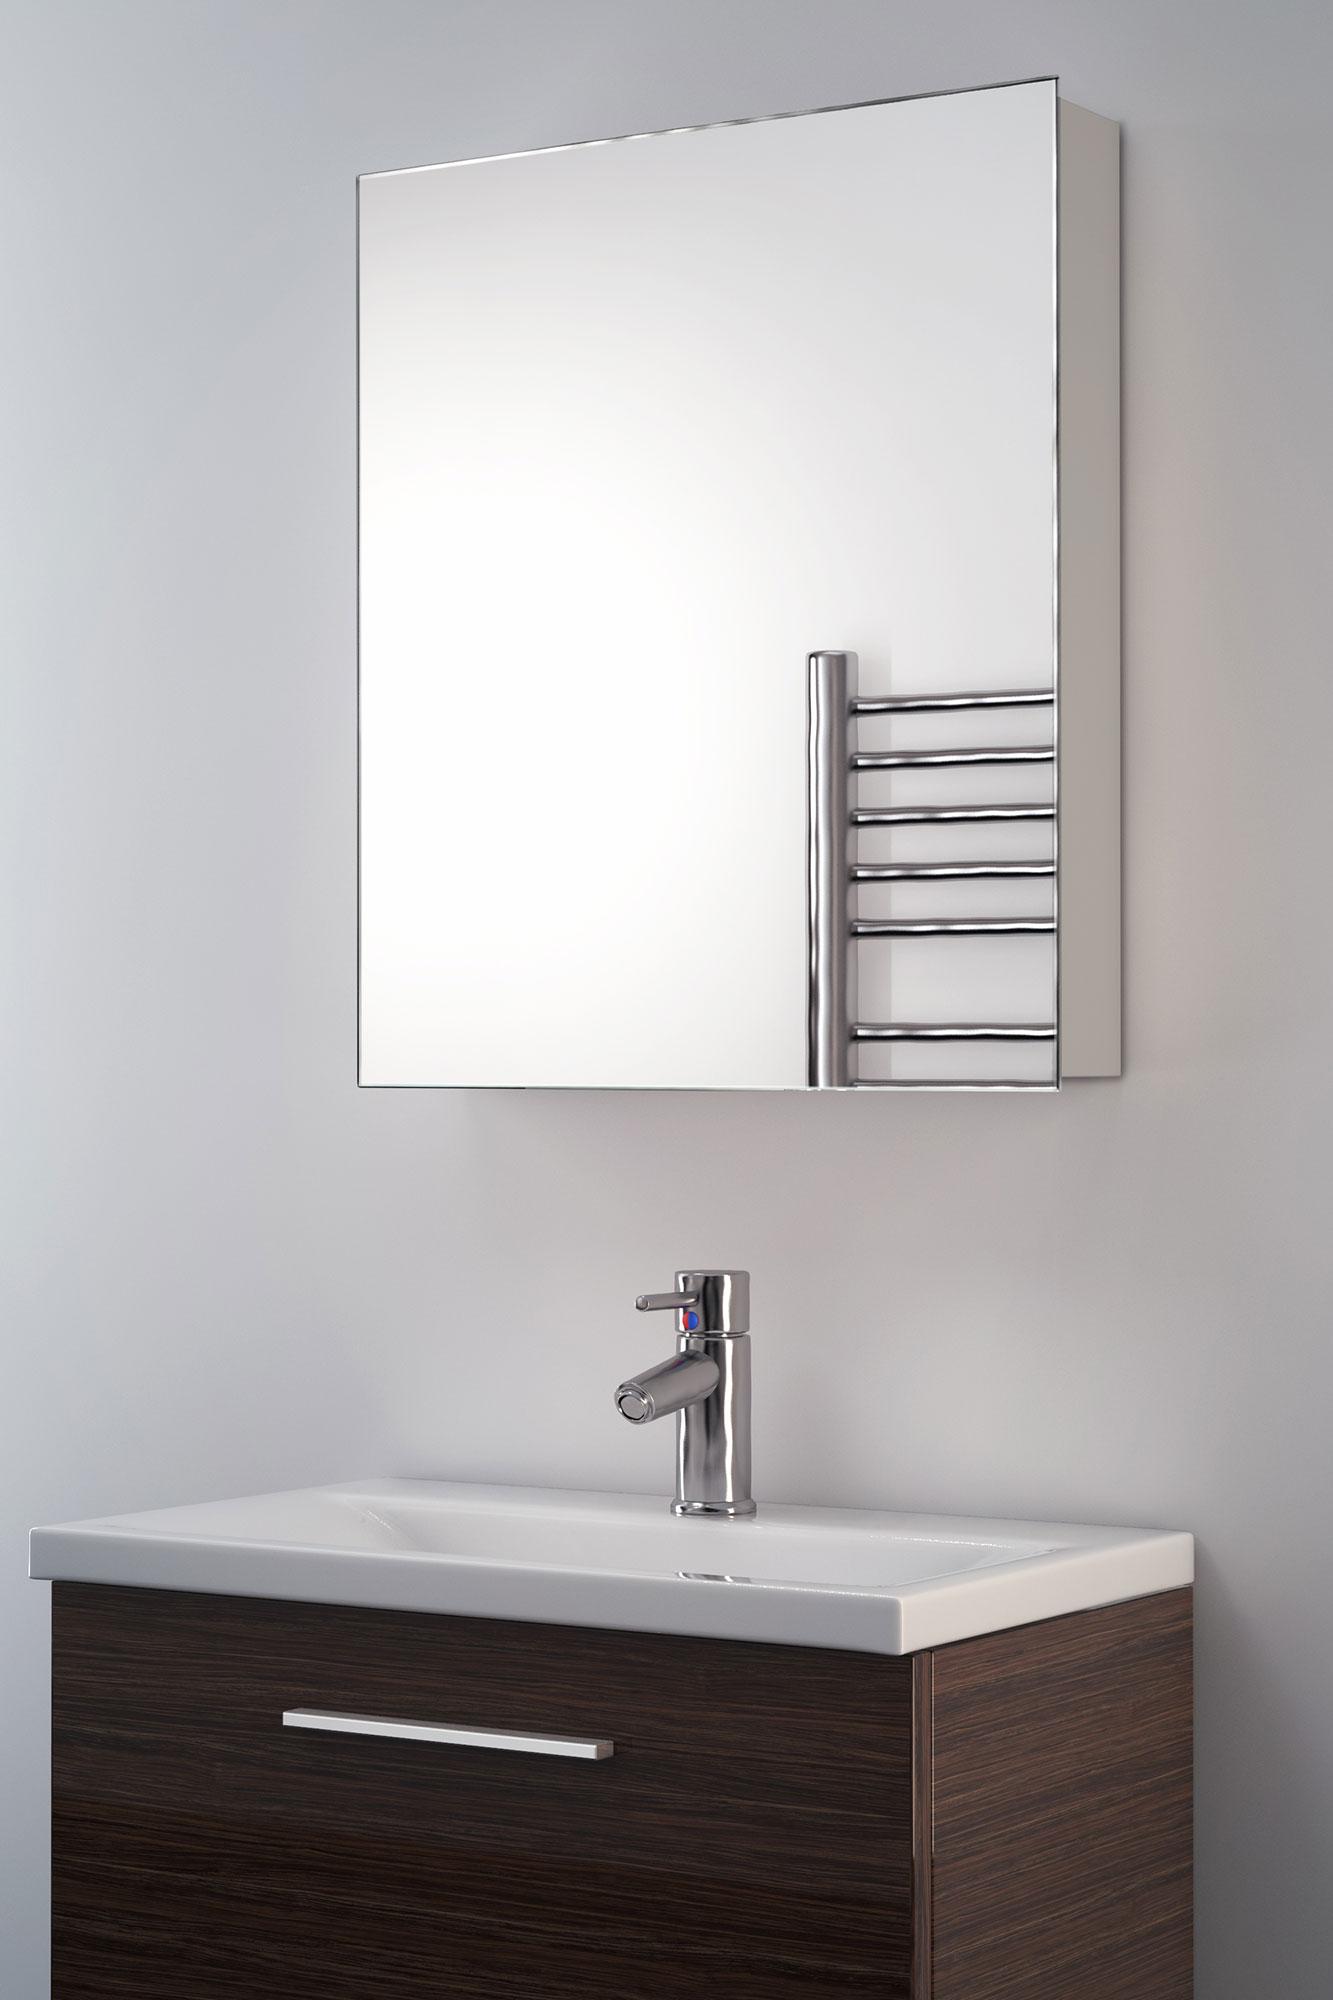 Armadietto con specchio da bagno iris ebay - Armadietto bagno con specchio ...